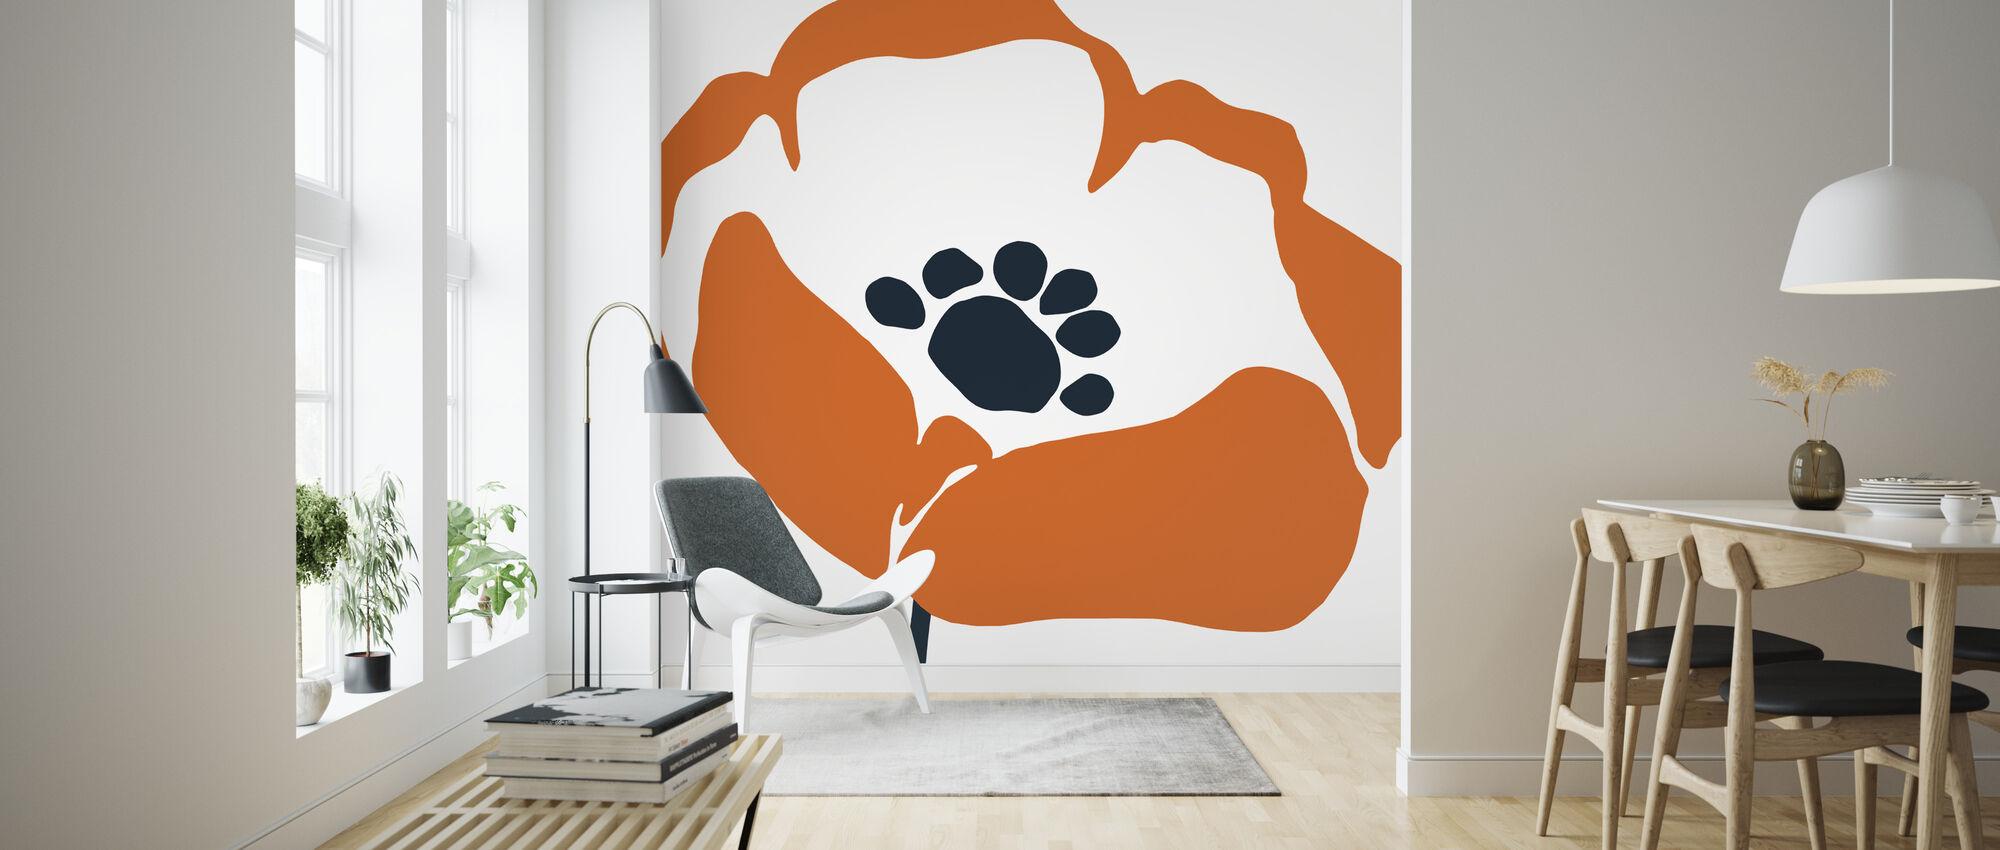 Pop Art Floral III - Wallpaper - Living Room